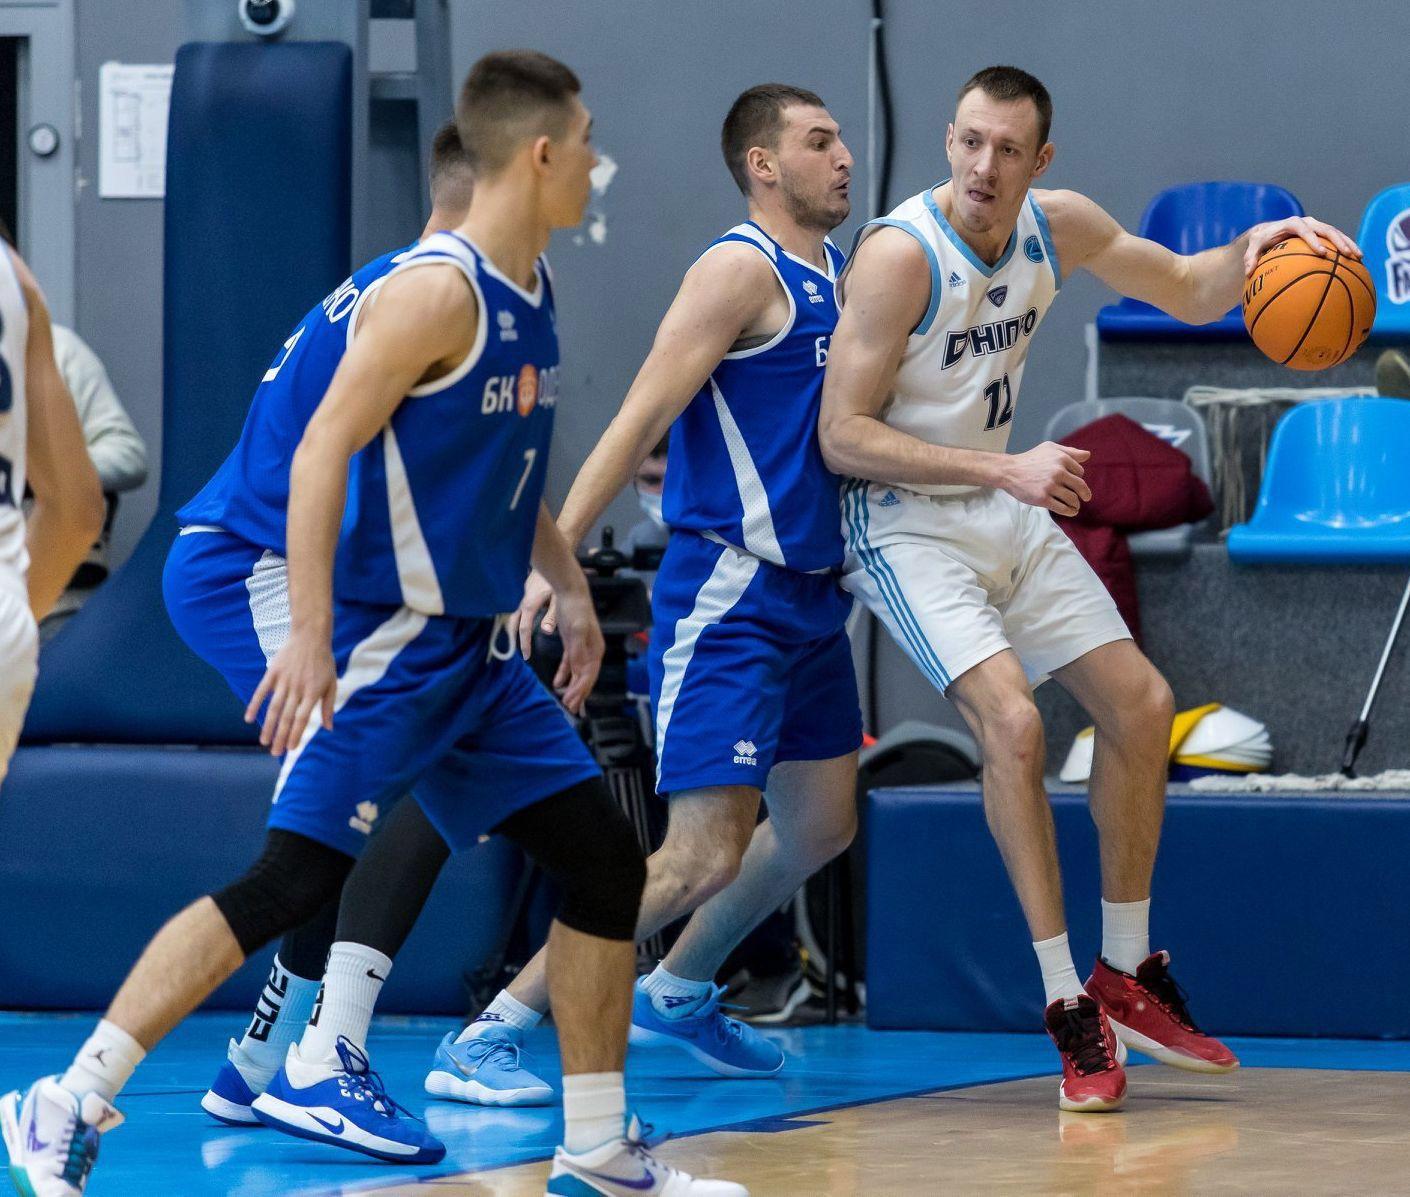 Баскетбол: Одесити перемогли чемпіона